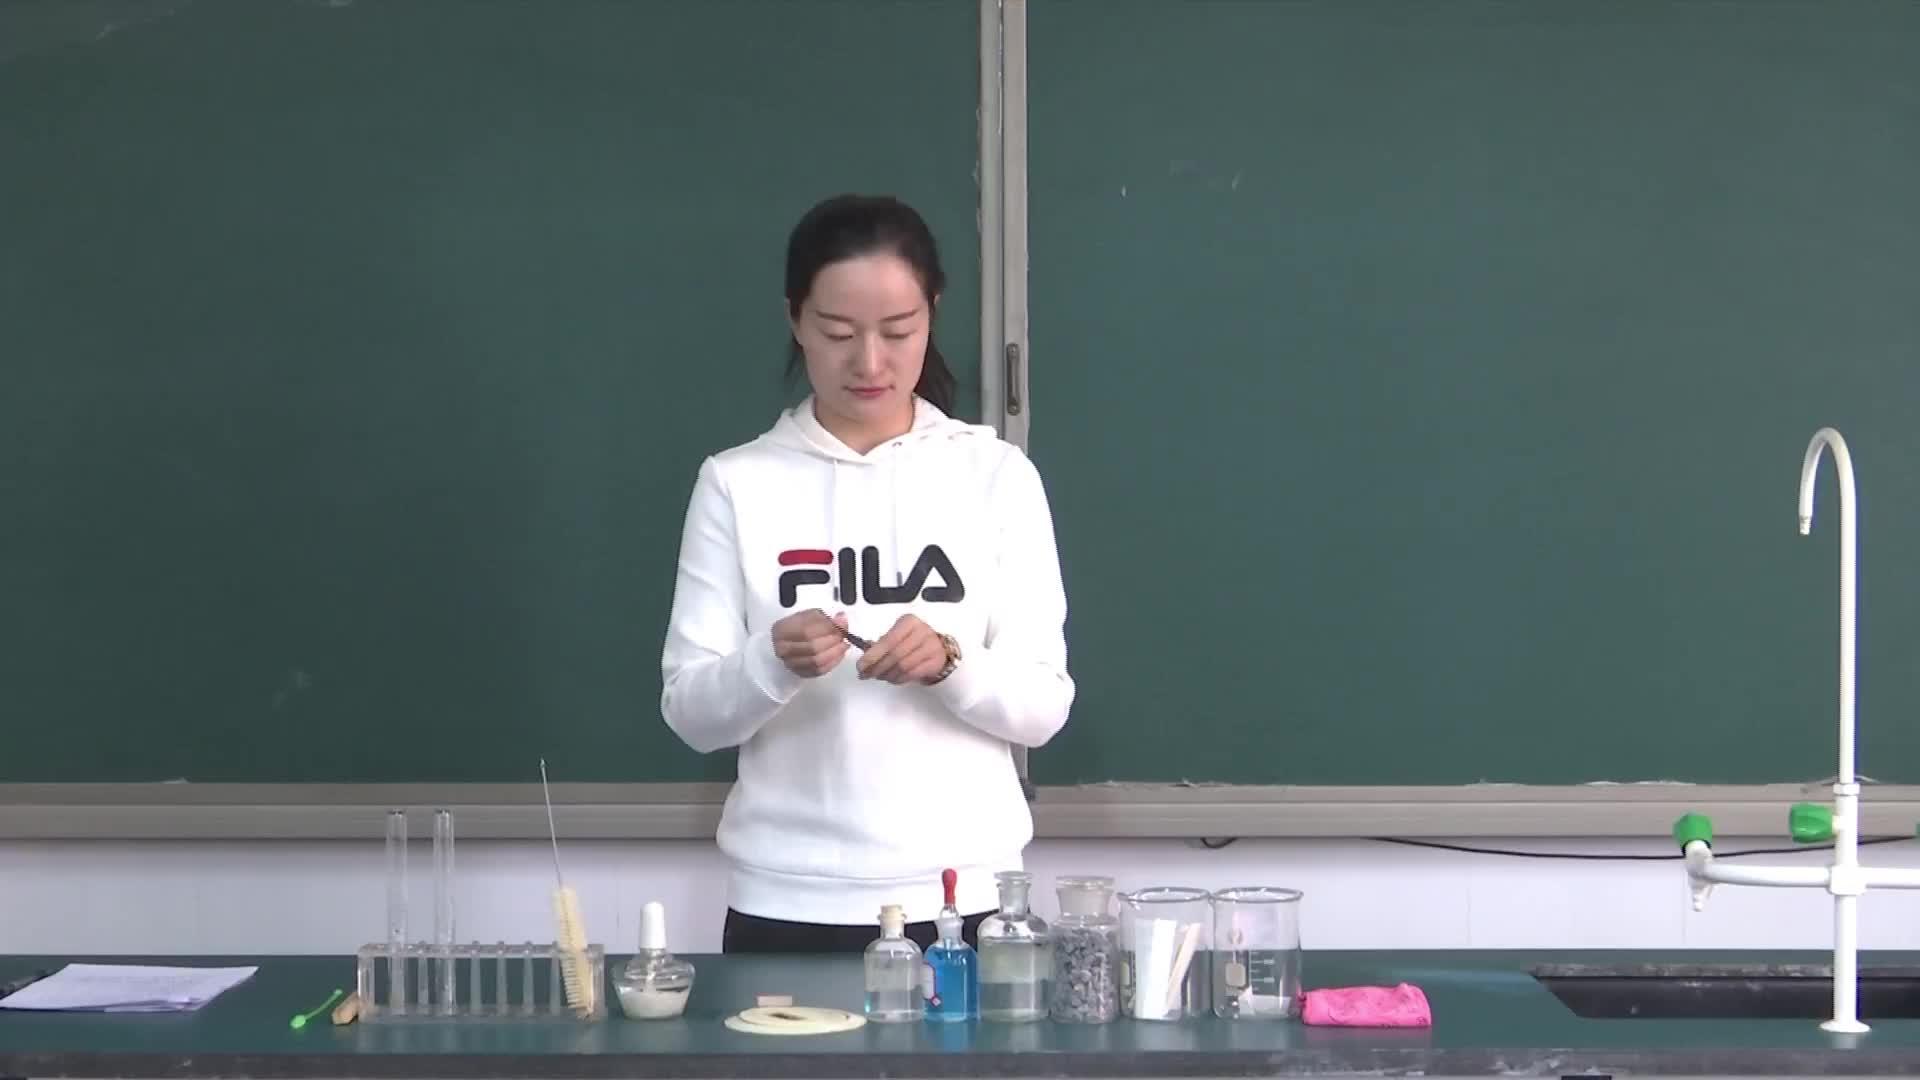 2019河南省郑州市中招理化生实验操作考试(化学)-化学变化中的现象-实验演示